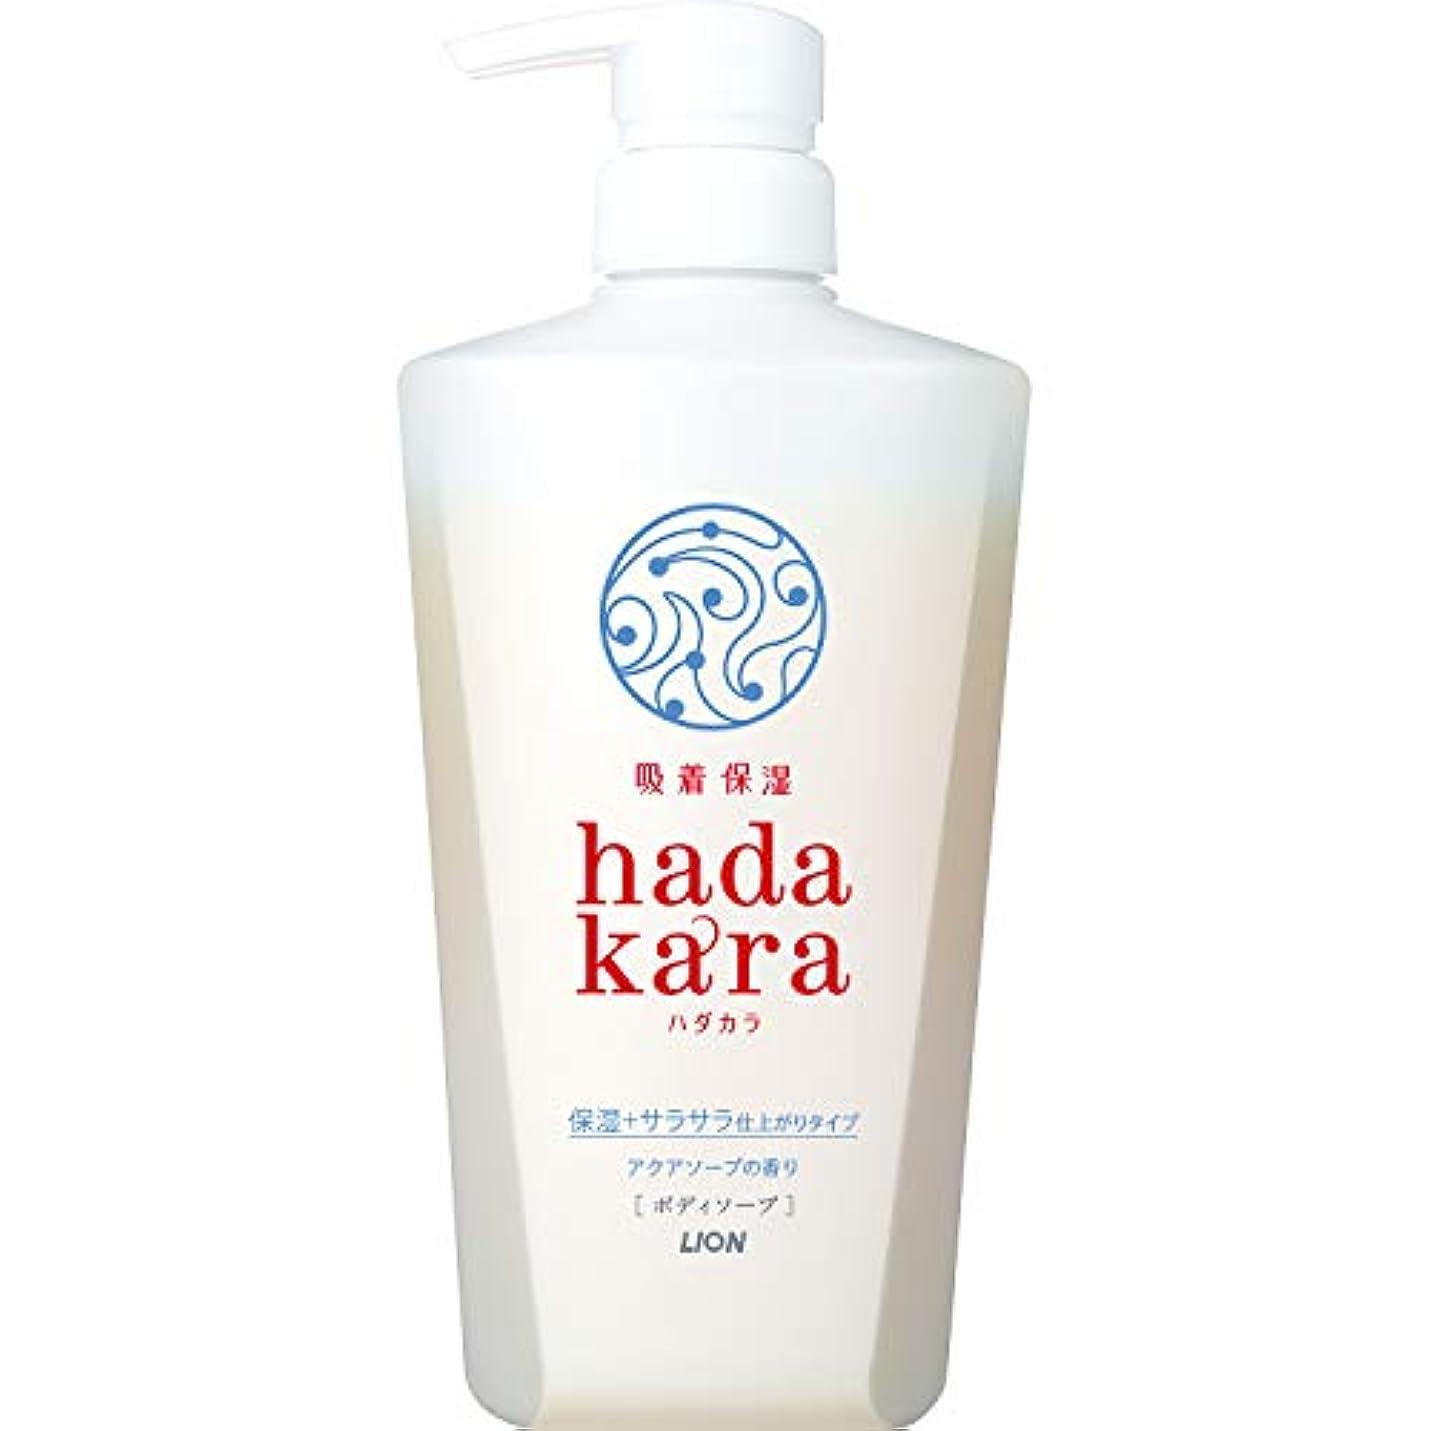 ステッチ理論サミュエルhadakara(ハダカラ) ボディソープ 保湿+サラサラ仕上がりタイプ アクアソープの香り 本体 480ml